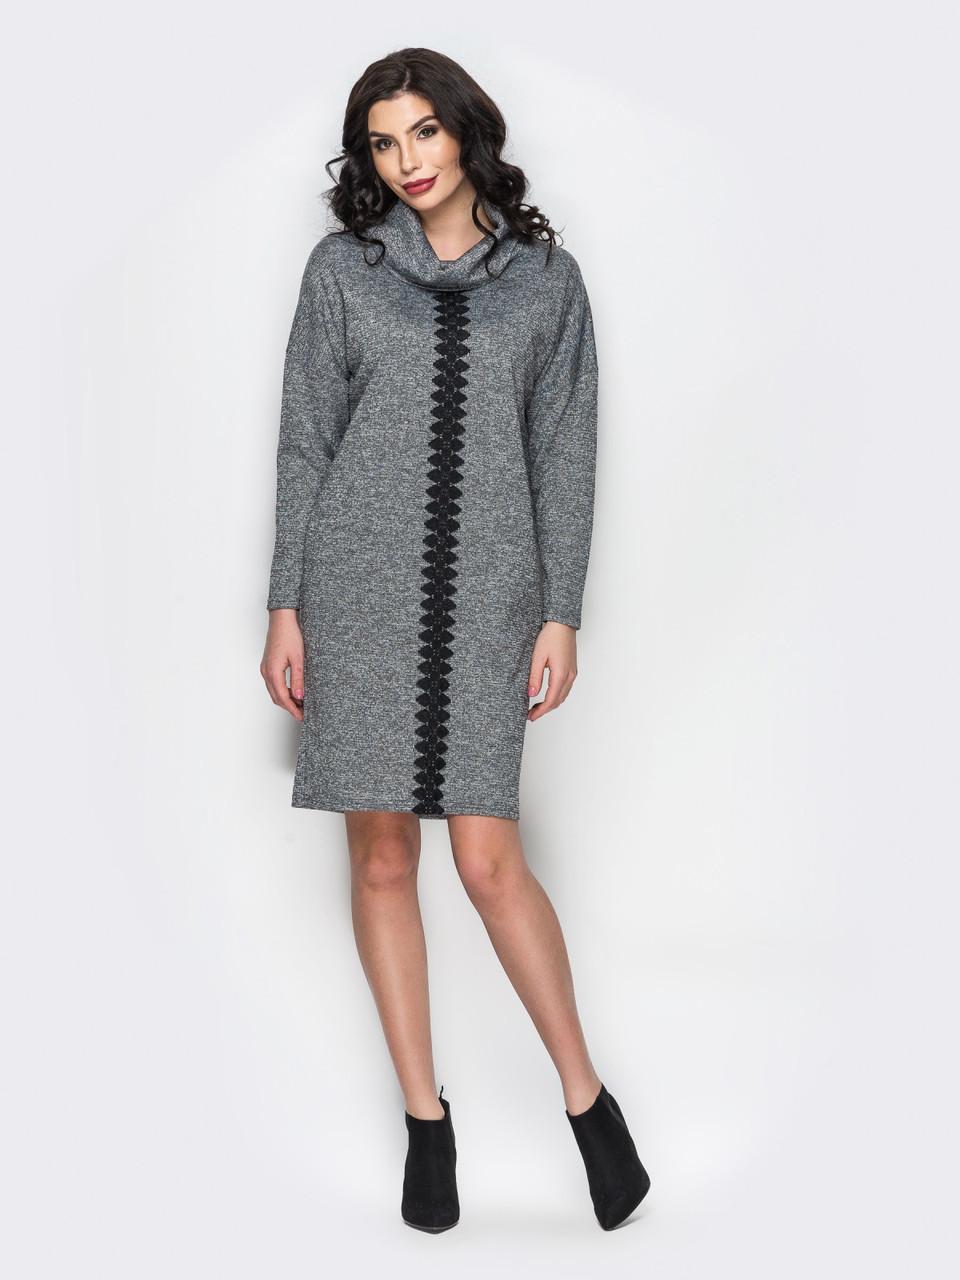 bf064986e57 Серое трикотажное платье прямого кроя с нитью люрекса р.44-46 ...